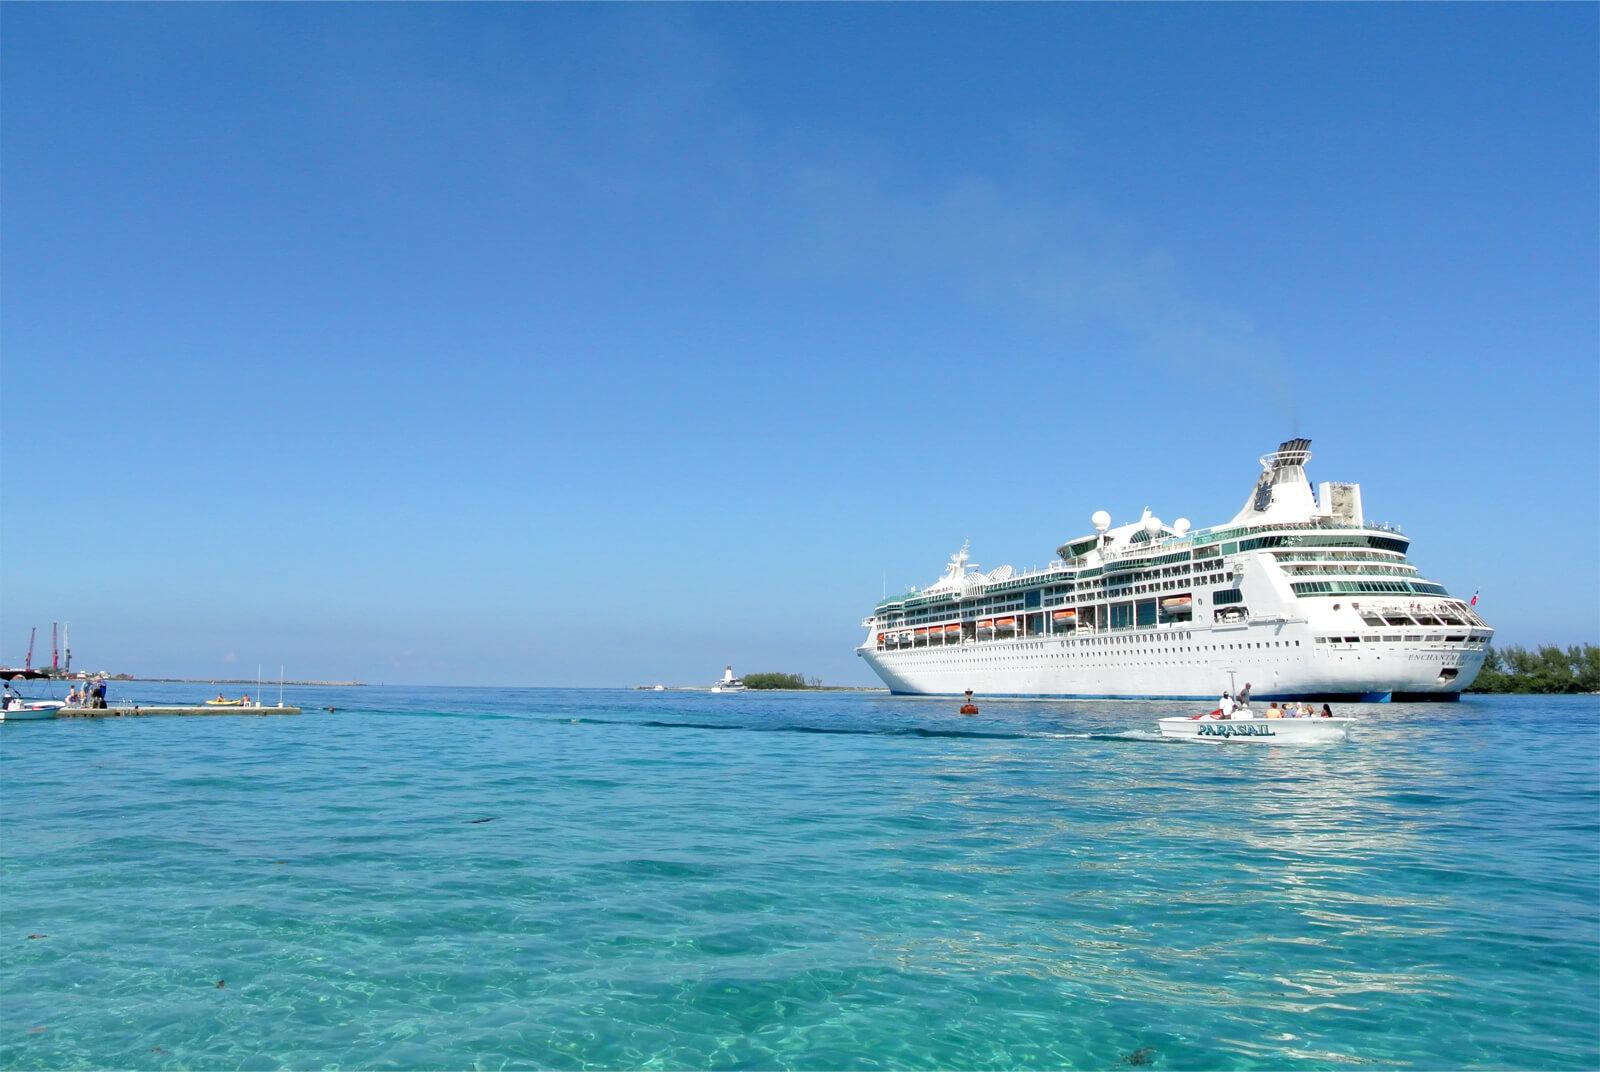 クルーズ船と透き通る海